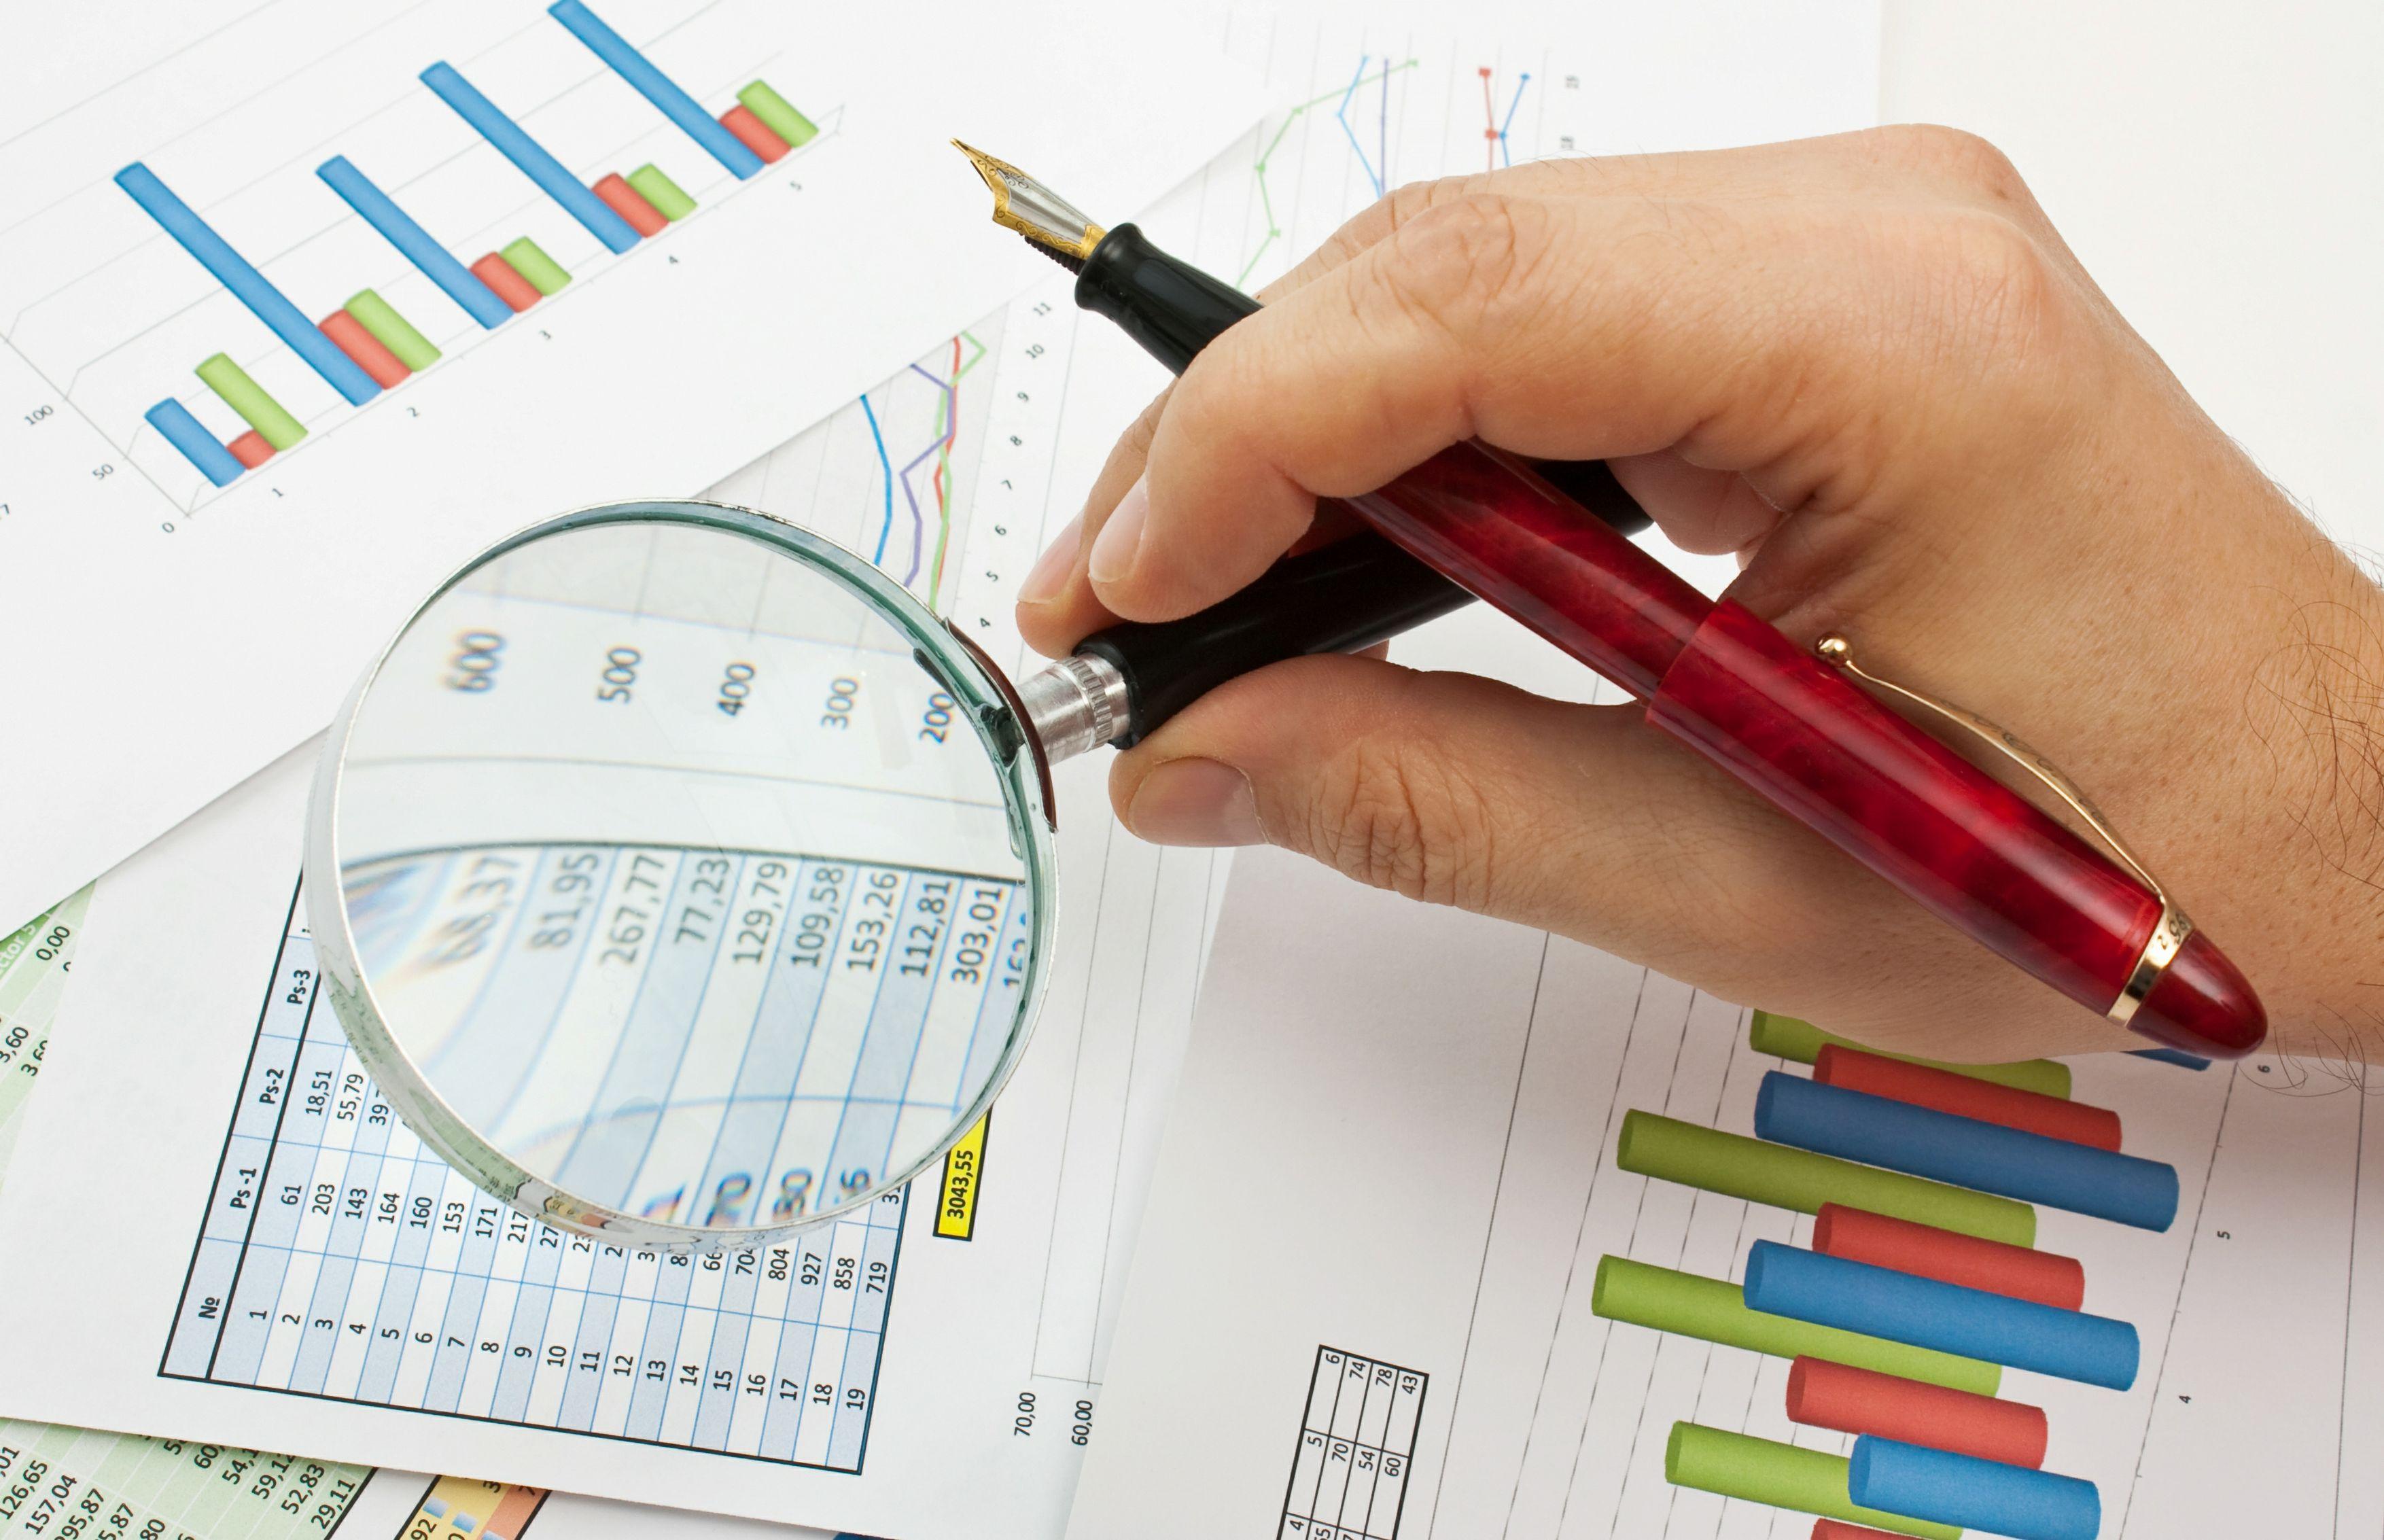 【国金策略】A股、港股、美股及行业估值分布图